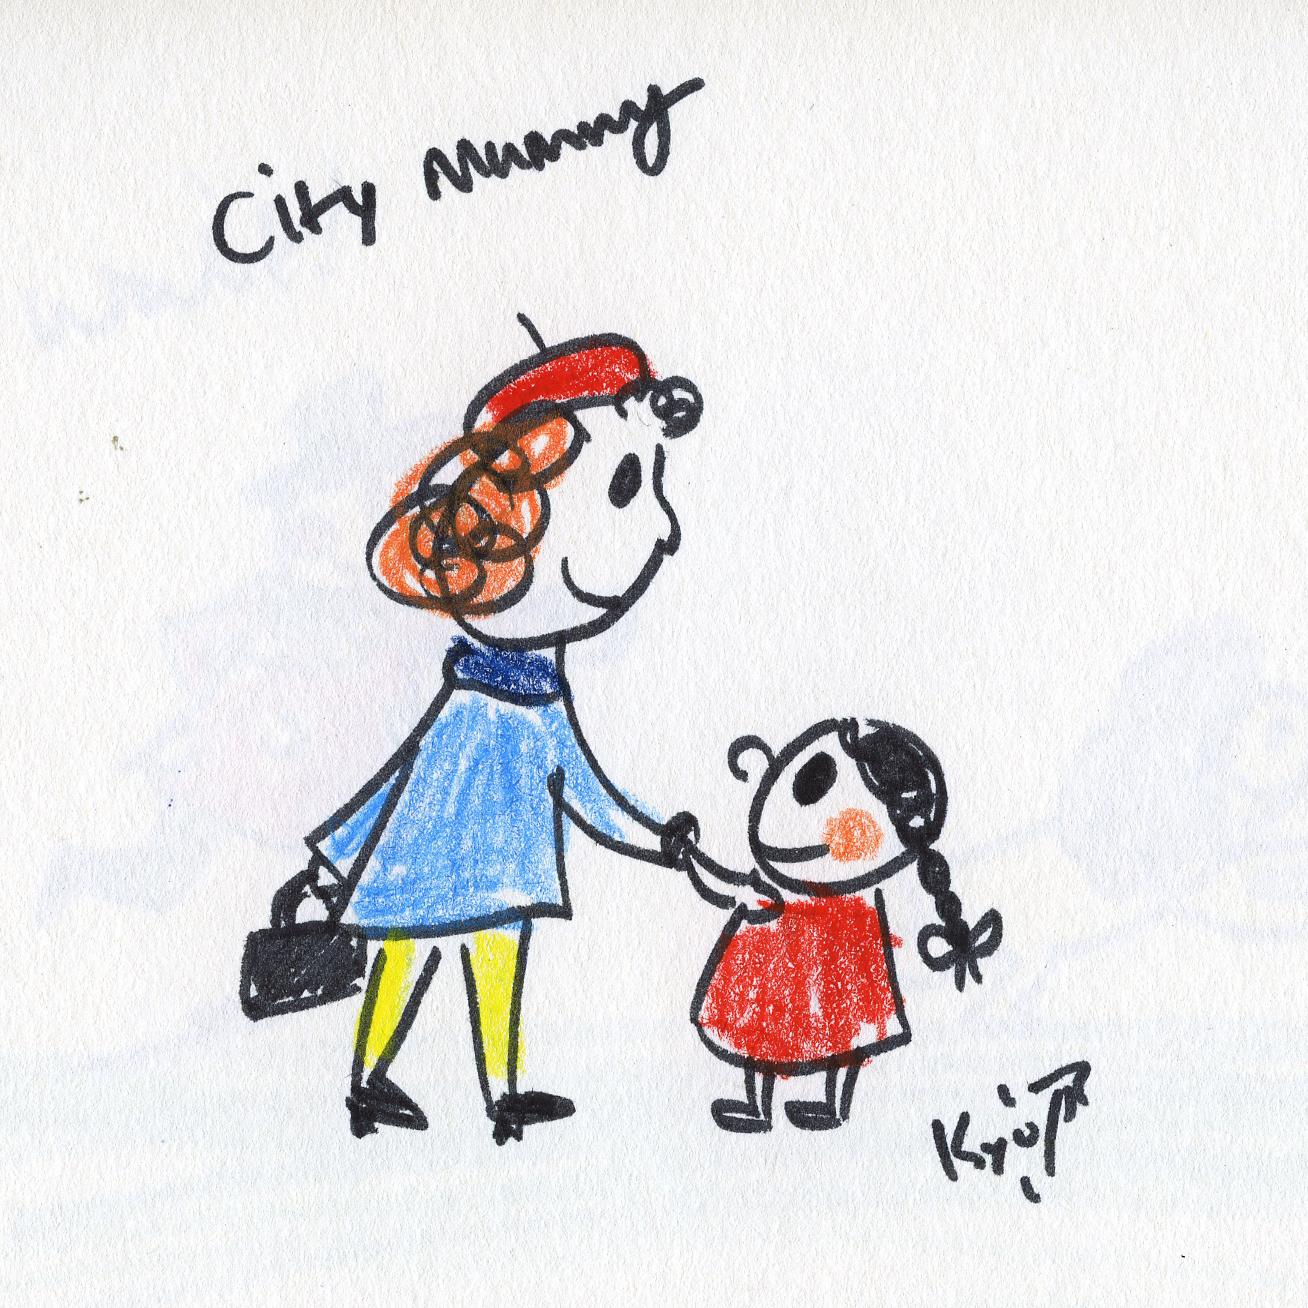 イラストカット「city mum」